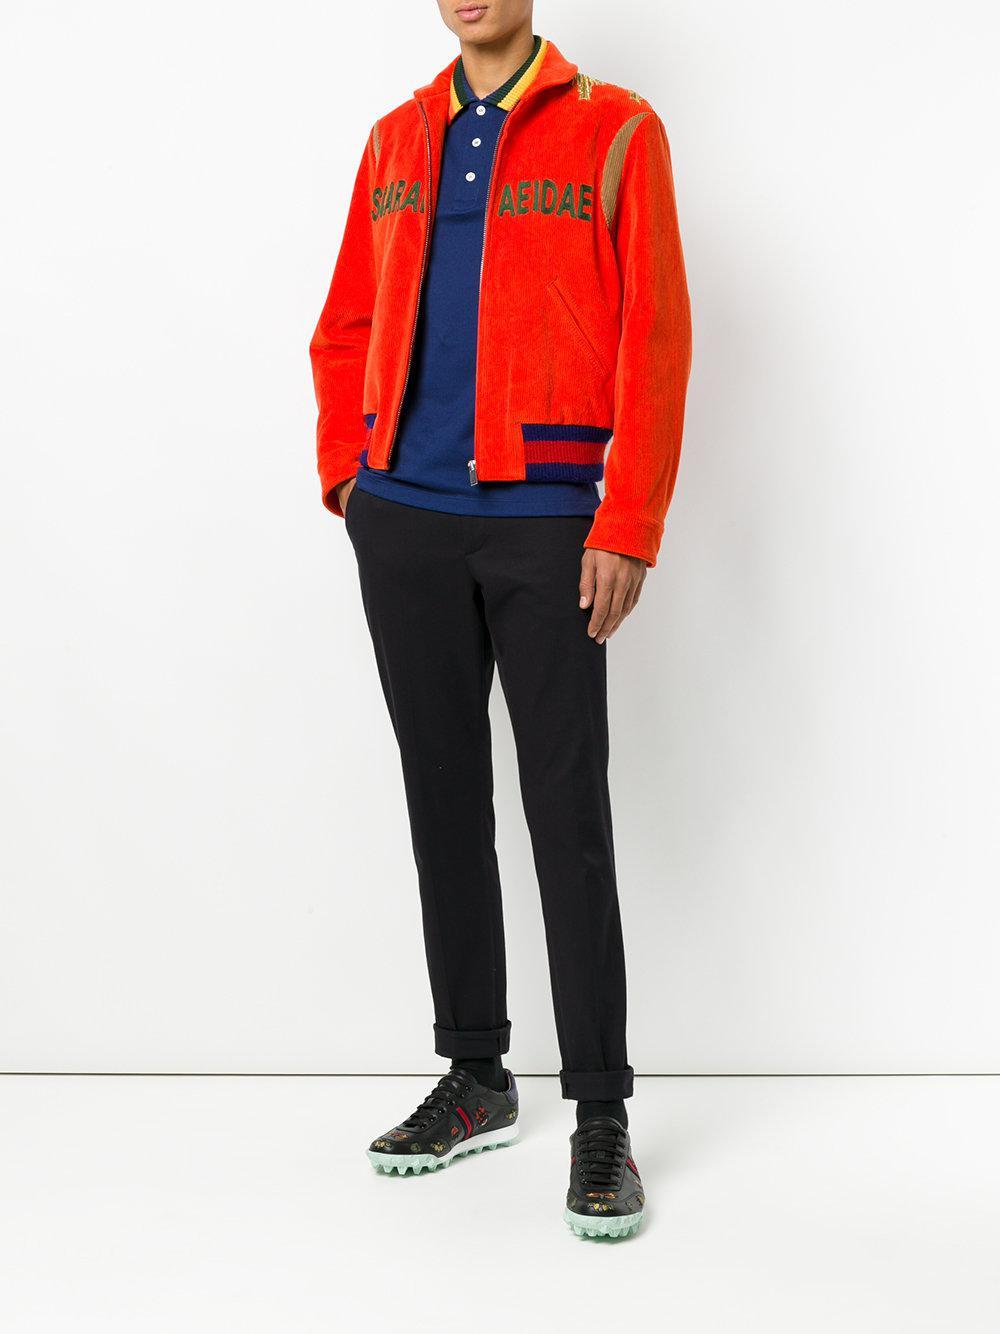 Lyst - Baskets Yello à détails brodés Gucci pour homme en coloris Noir dcc8134ab797